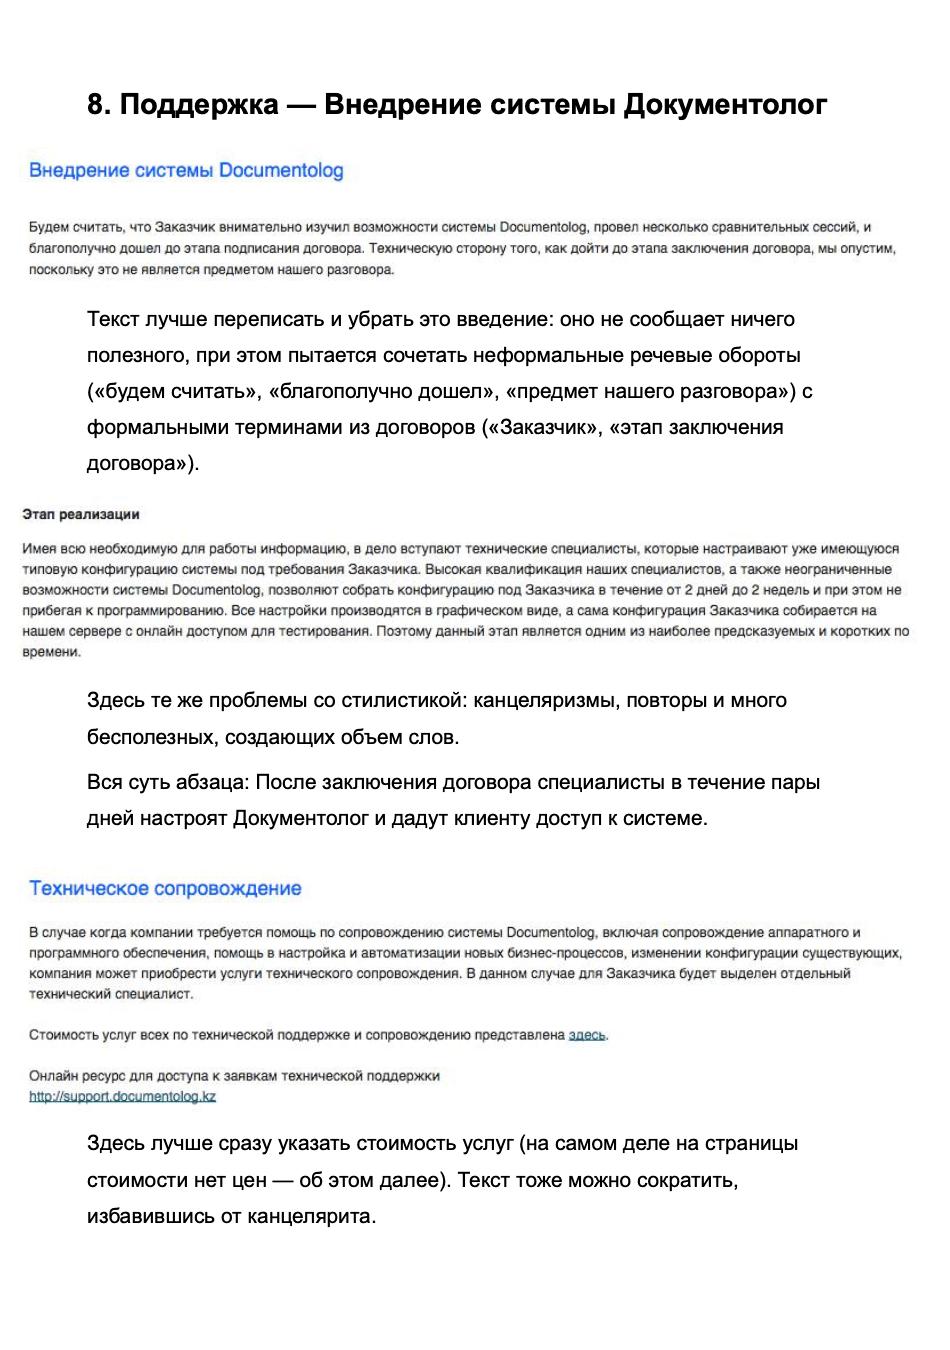 Анализ «Документолога» Сайт Артура Нецветаева — сайты, приложения, прототипы и оформление интерфейсов 20 21